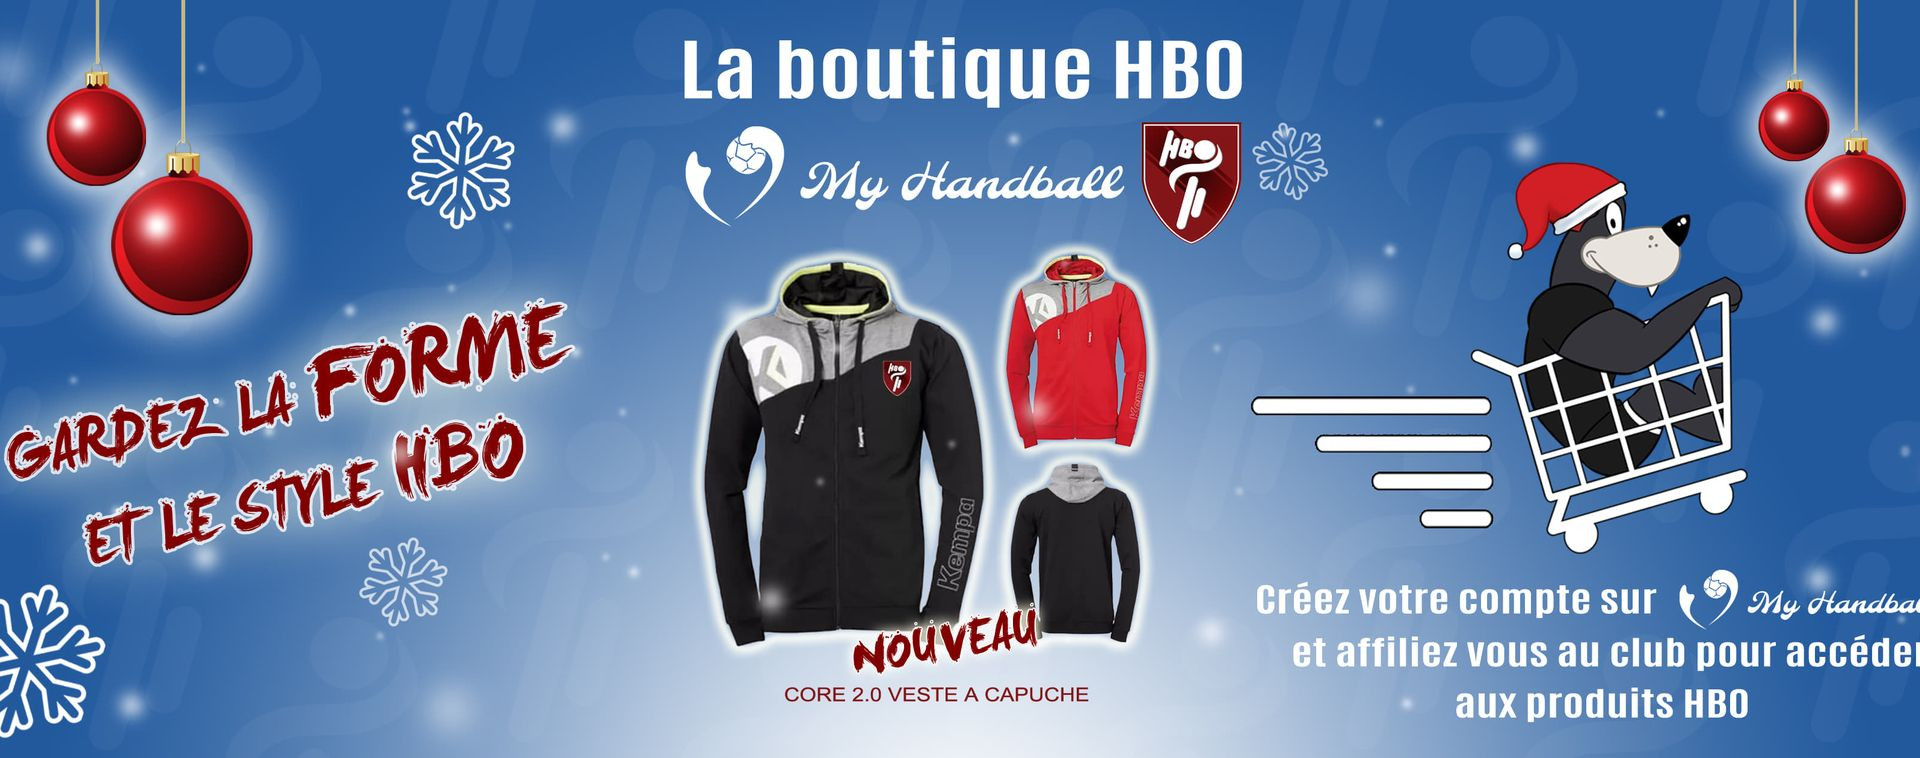 Boutique HBO Noël